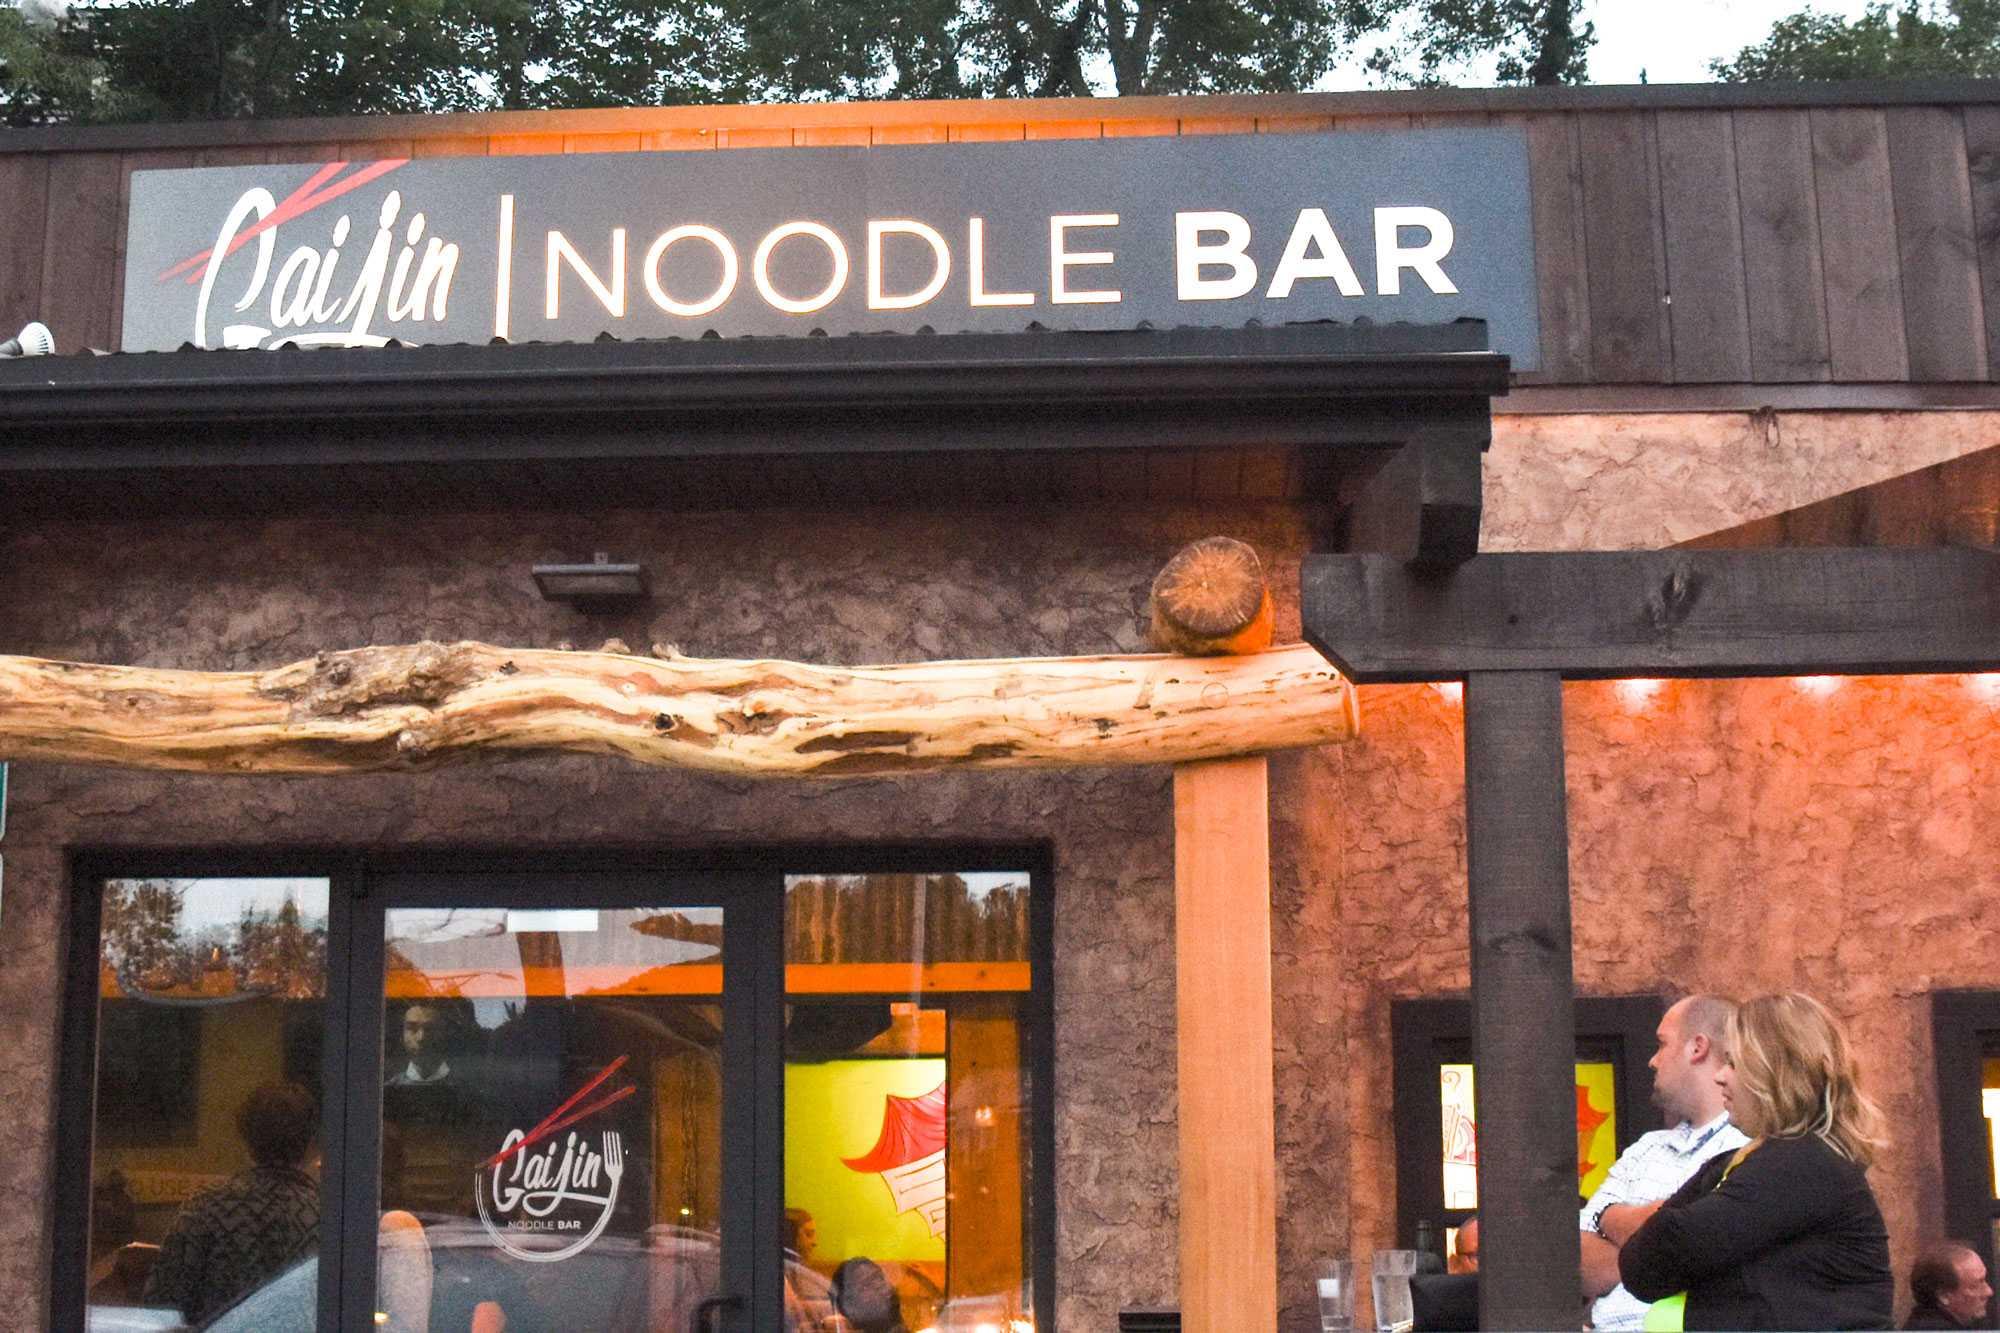 Gaijin Noodle Bar brings unique Japanese cuisine to Boone